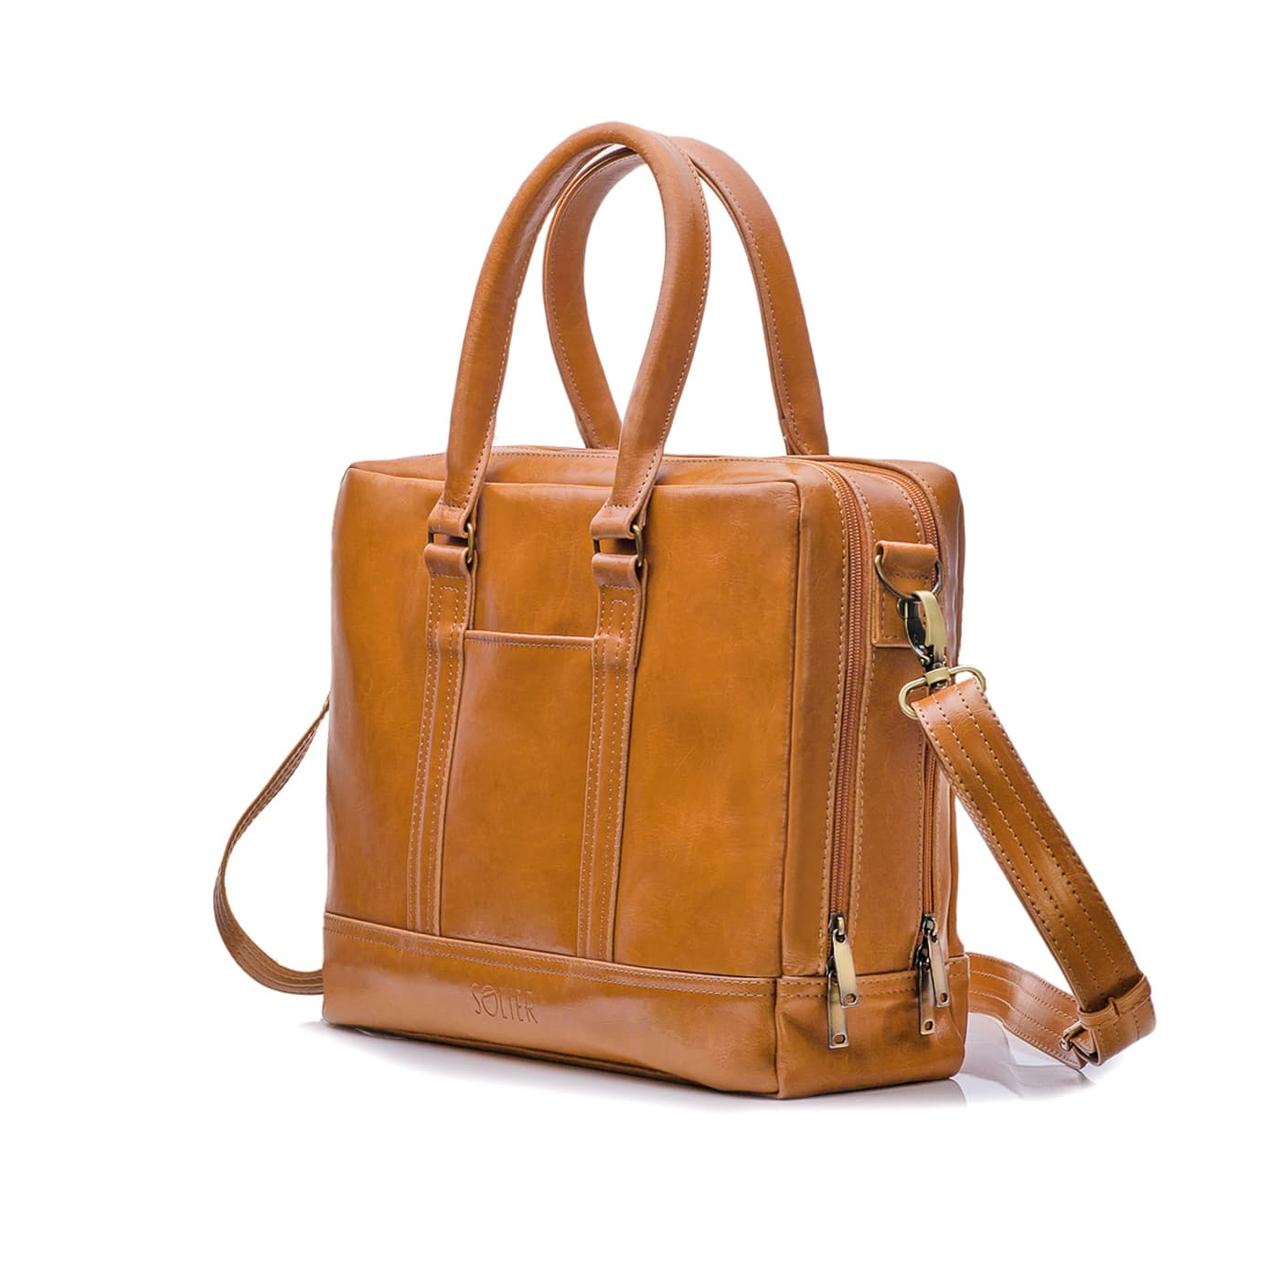 34908ea4b340 Кожаная сумка на плечо для ноутбука и документов Светло - коричневая Solier  SL02